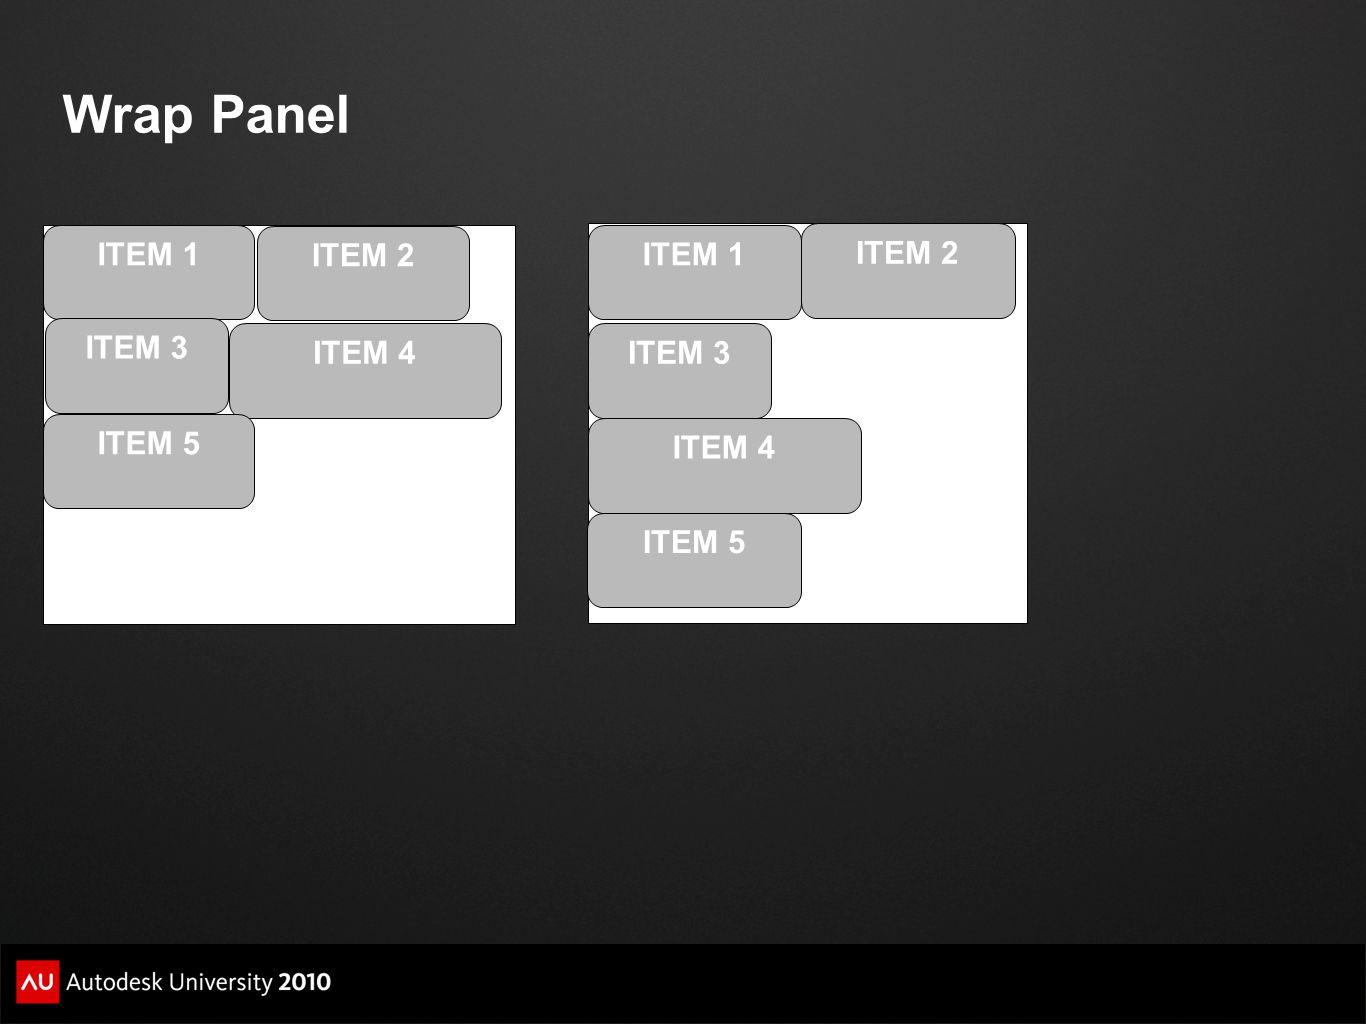 Wrap Panel ITEM 1 ITEM 2 ITEM 3 ITEM 4 ITEM 5 ITEM 1 ITEM 2 ITEM 3 ITEM 4 ITEM 5